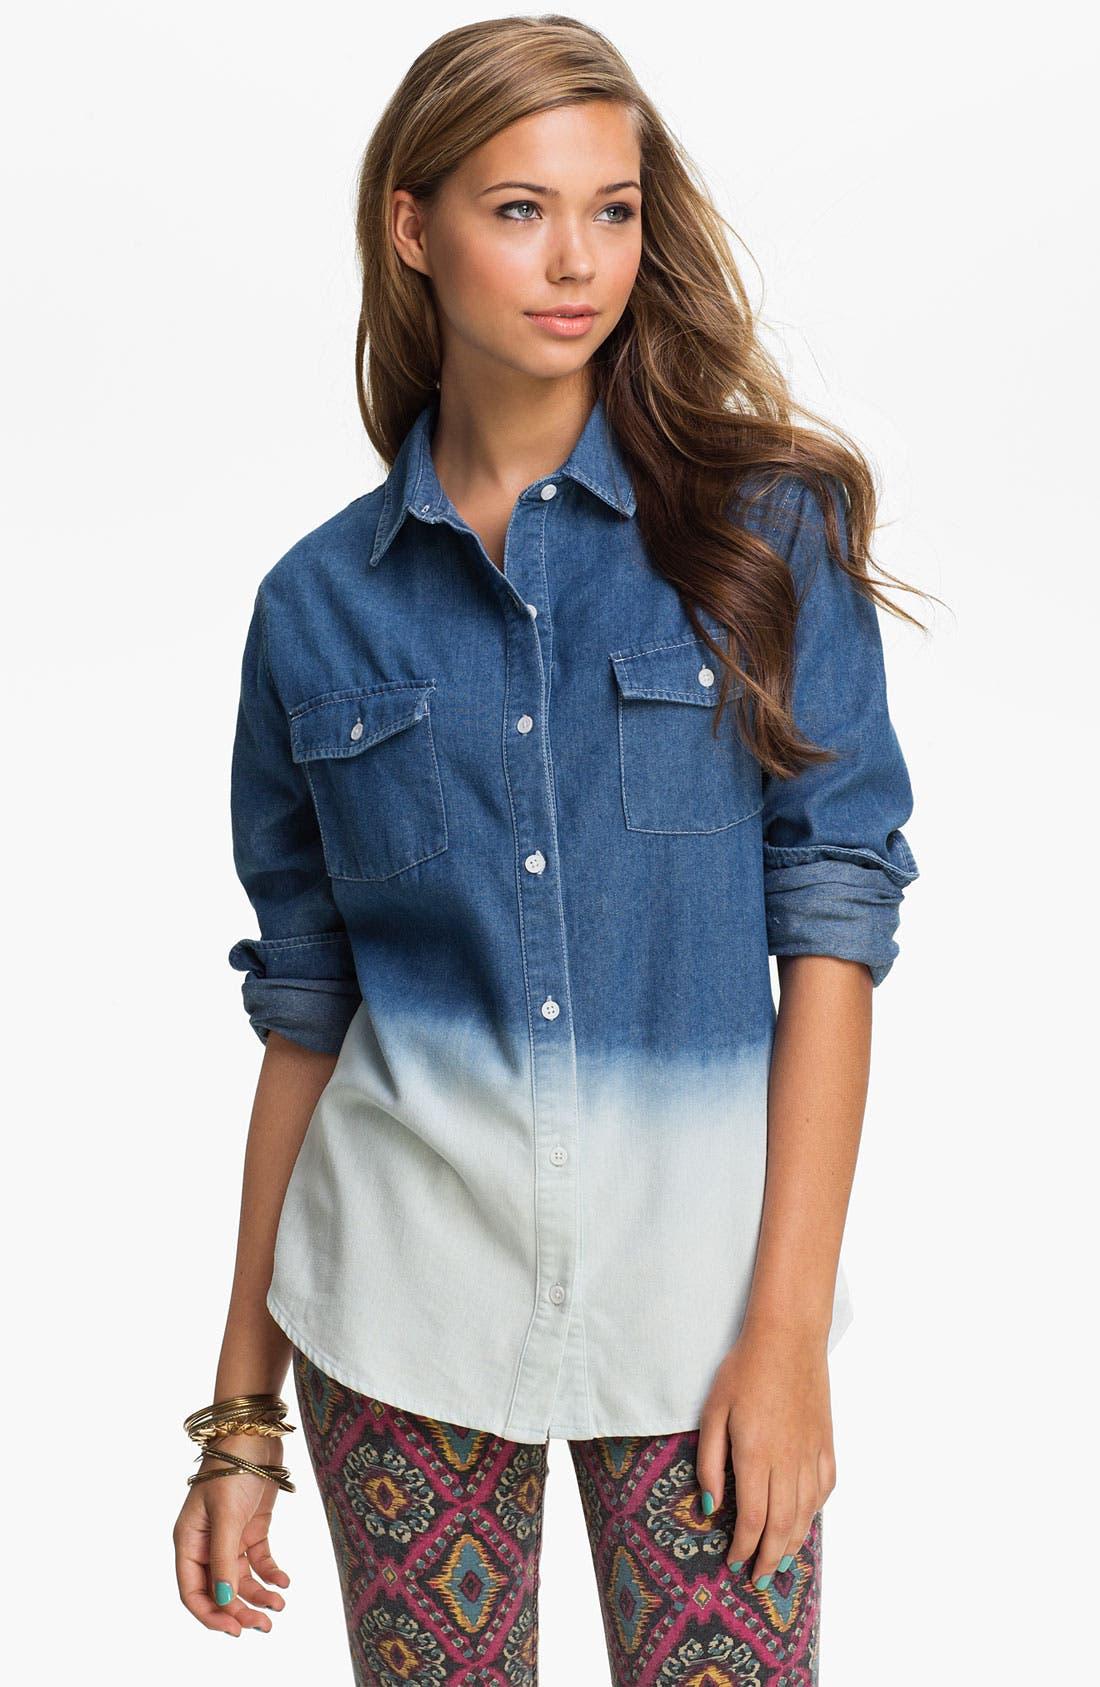 Alternate Image 1 Selected - Pretty Rebel Dip Dye Chambray Shirt (Juniors)